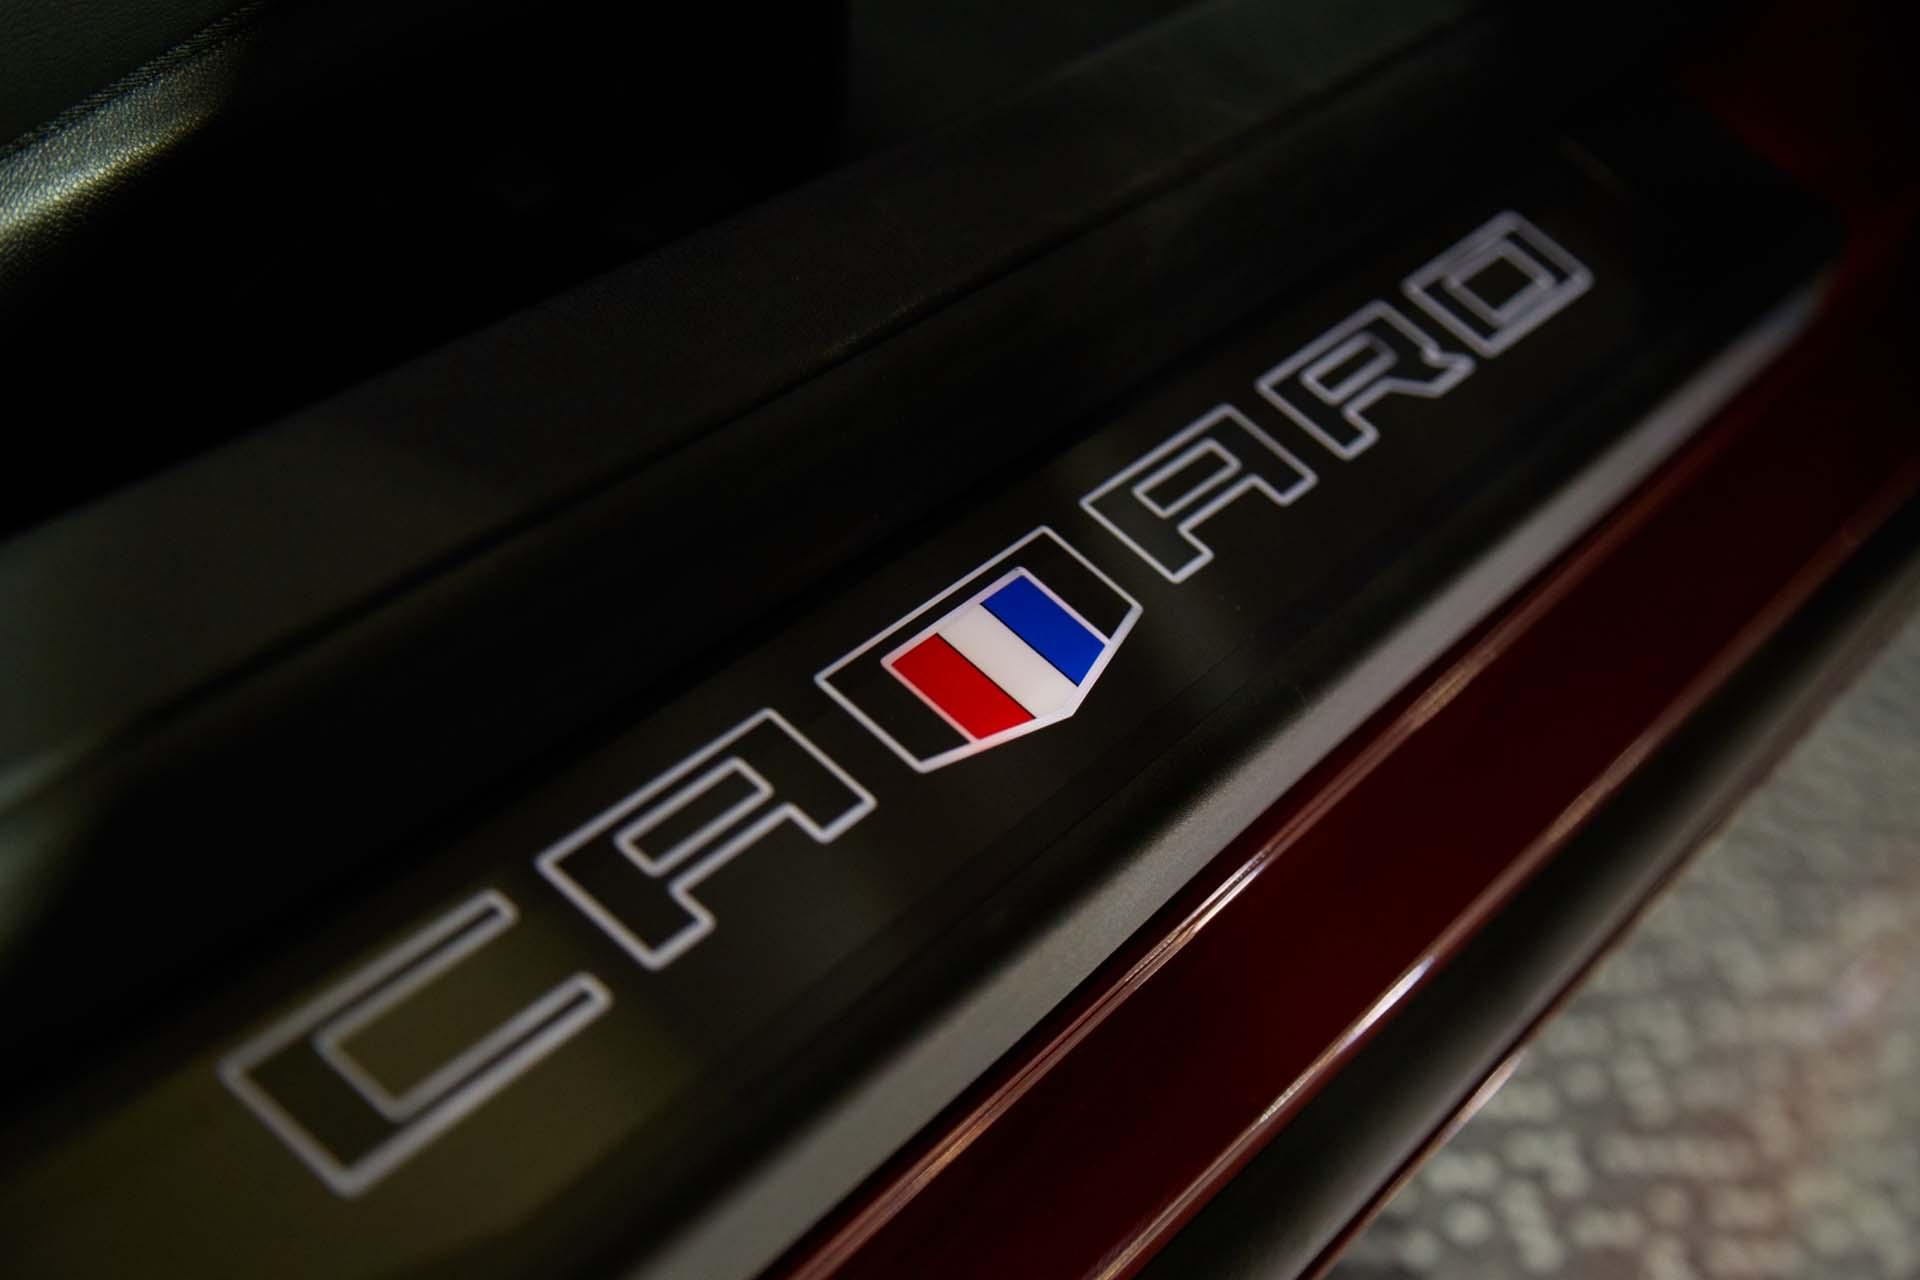 El superdeportivo Chevrolet Camaro fue completamente rediseñado (GM)